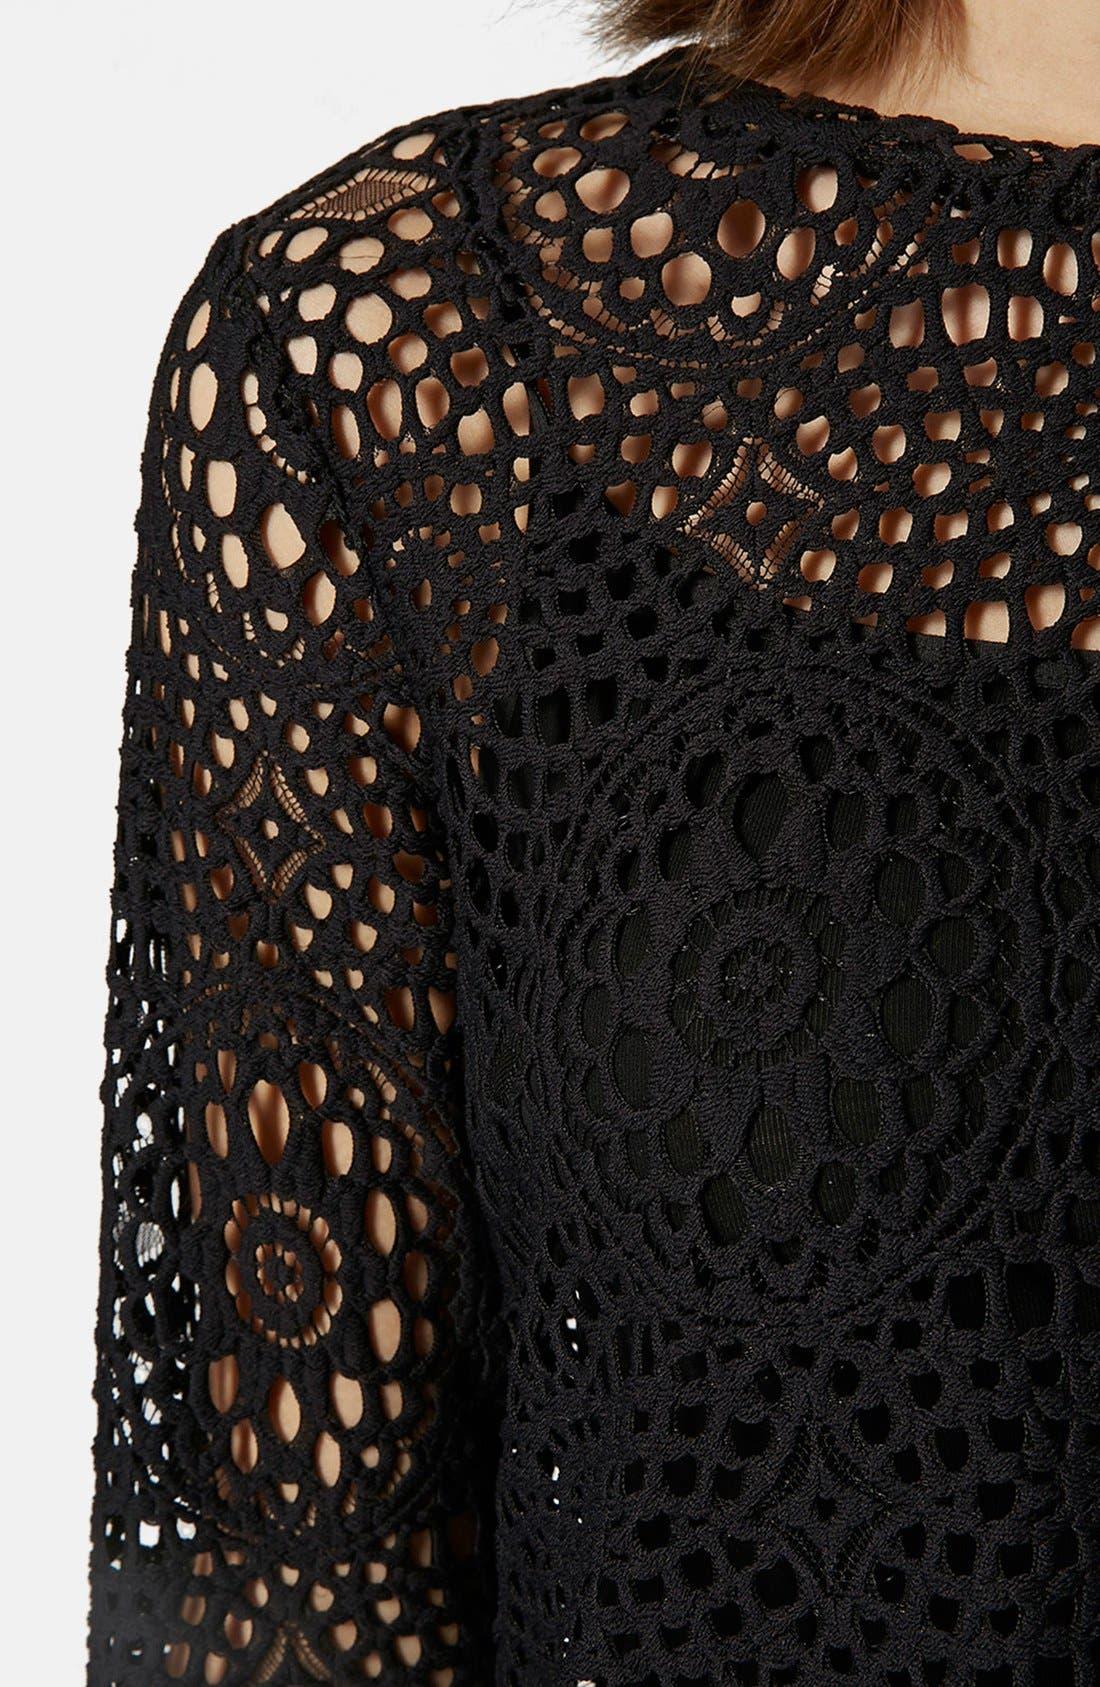 Long Sleeve Crochet Top,                             Alternate thumbnail 4, color,                             001